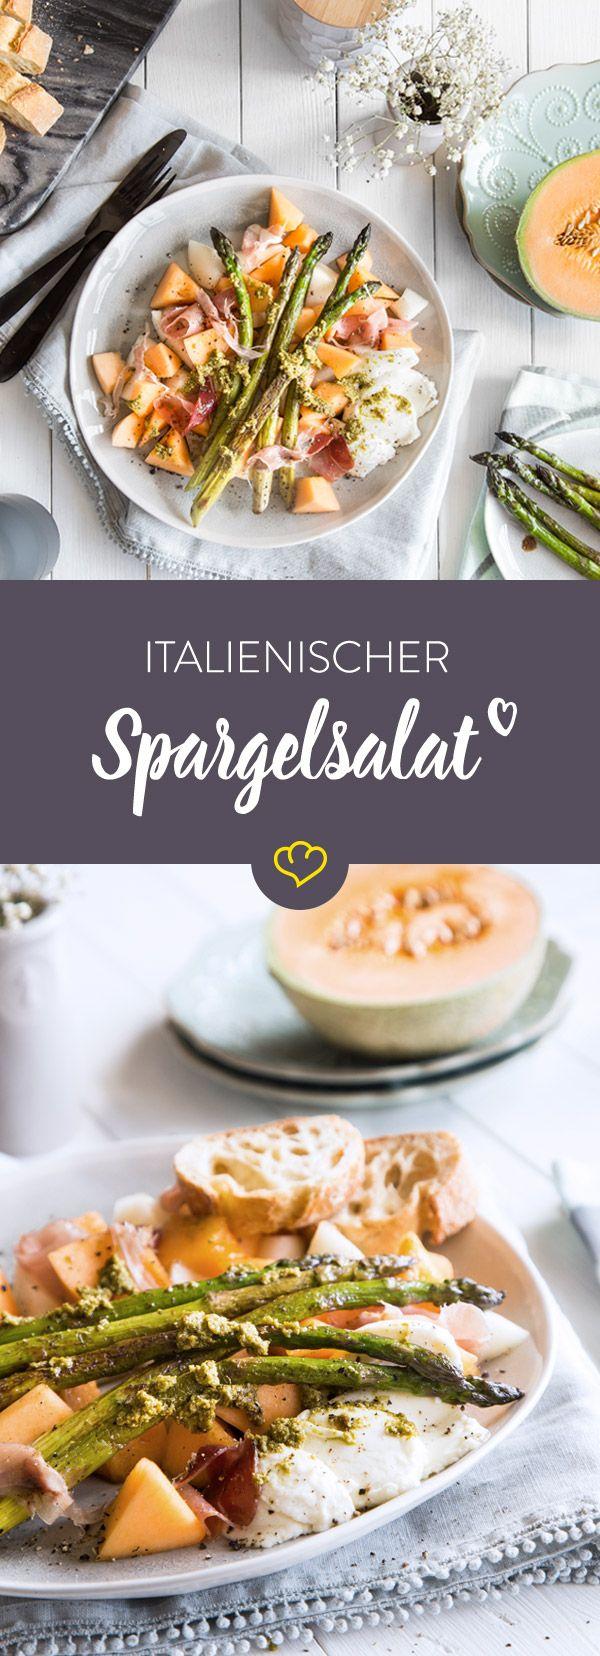 Mit Melone, Schinken, Mozzarella und grünem Pesto wird gebratener Spargel zur köstlichen Vorspeise, die dir ein Stück Italien auf den Teller zaubert.